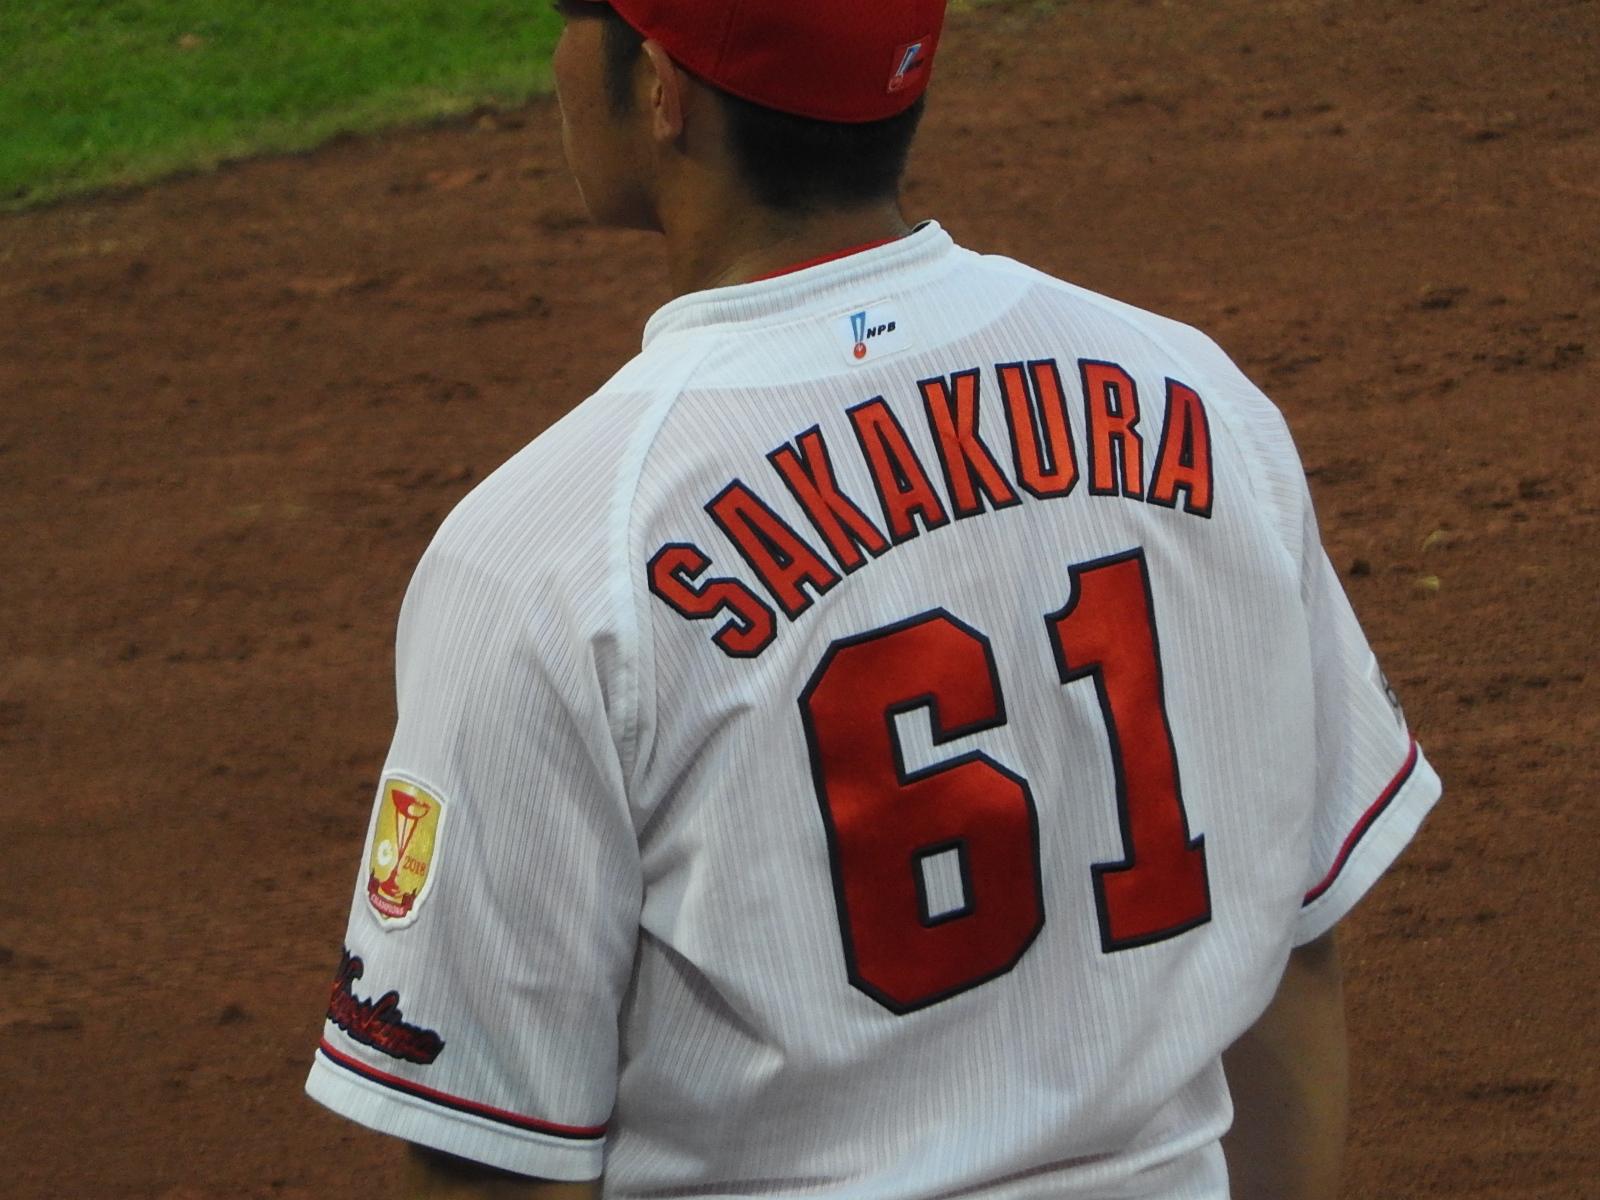 里崎智也イチオシのカープの選手はさすがに捕手目線で注目でした